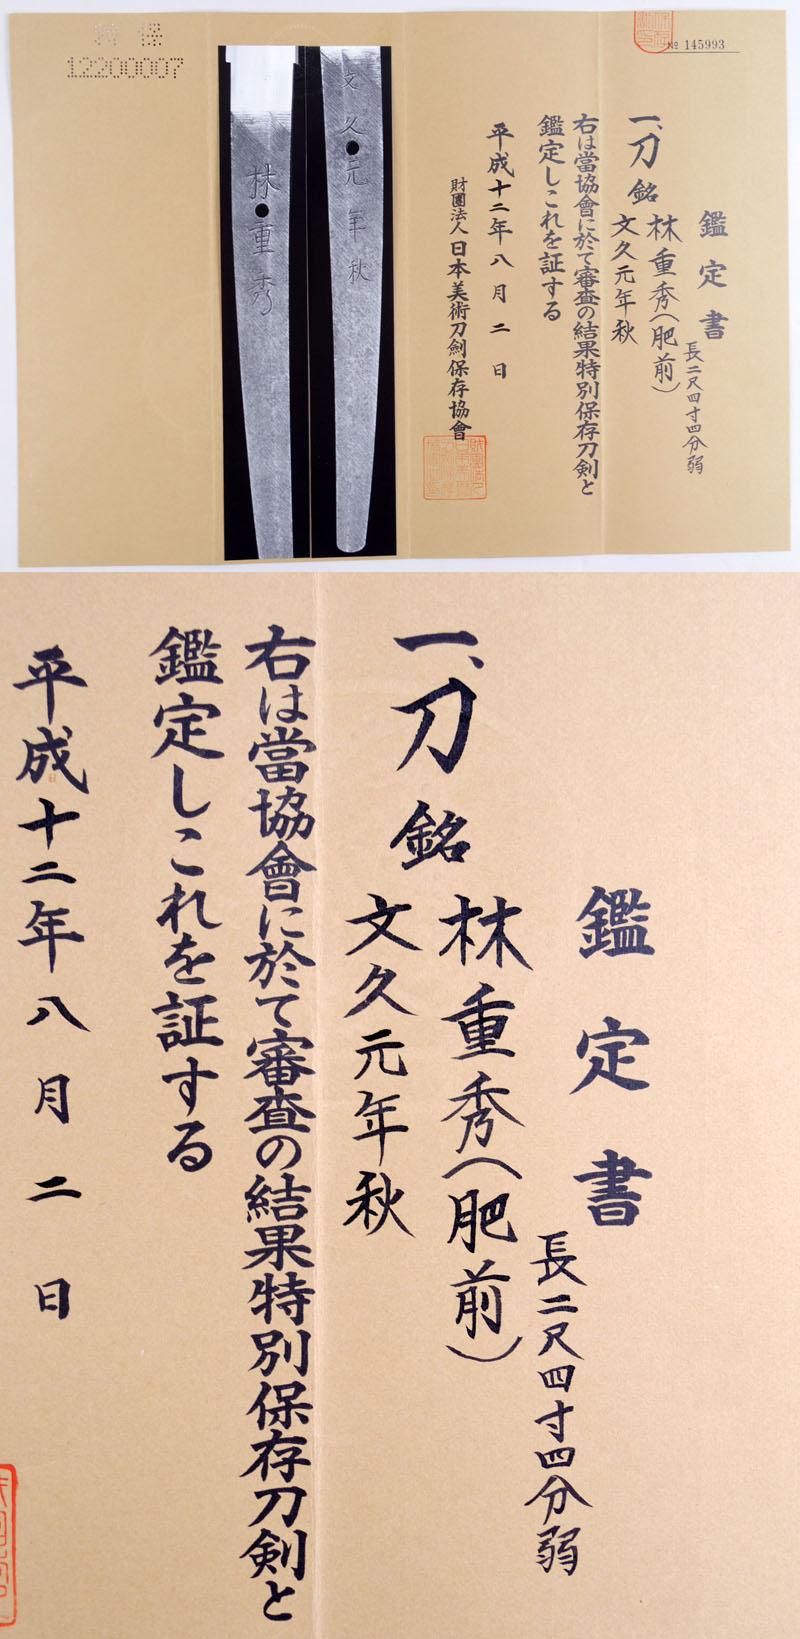 林重秀(肥前) Picture of Certificate